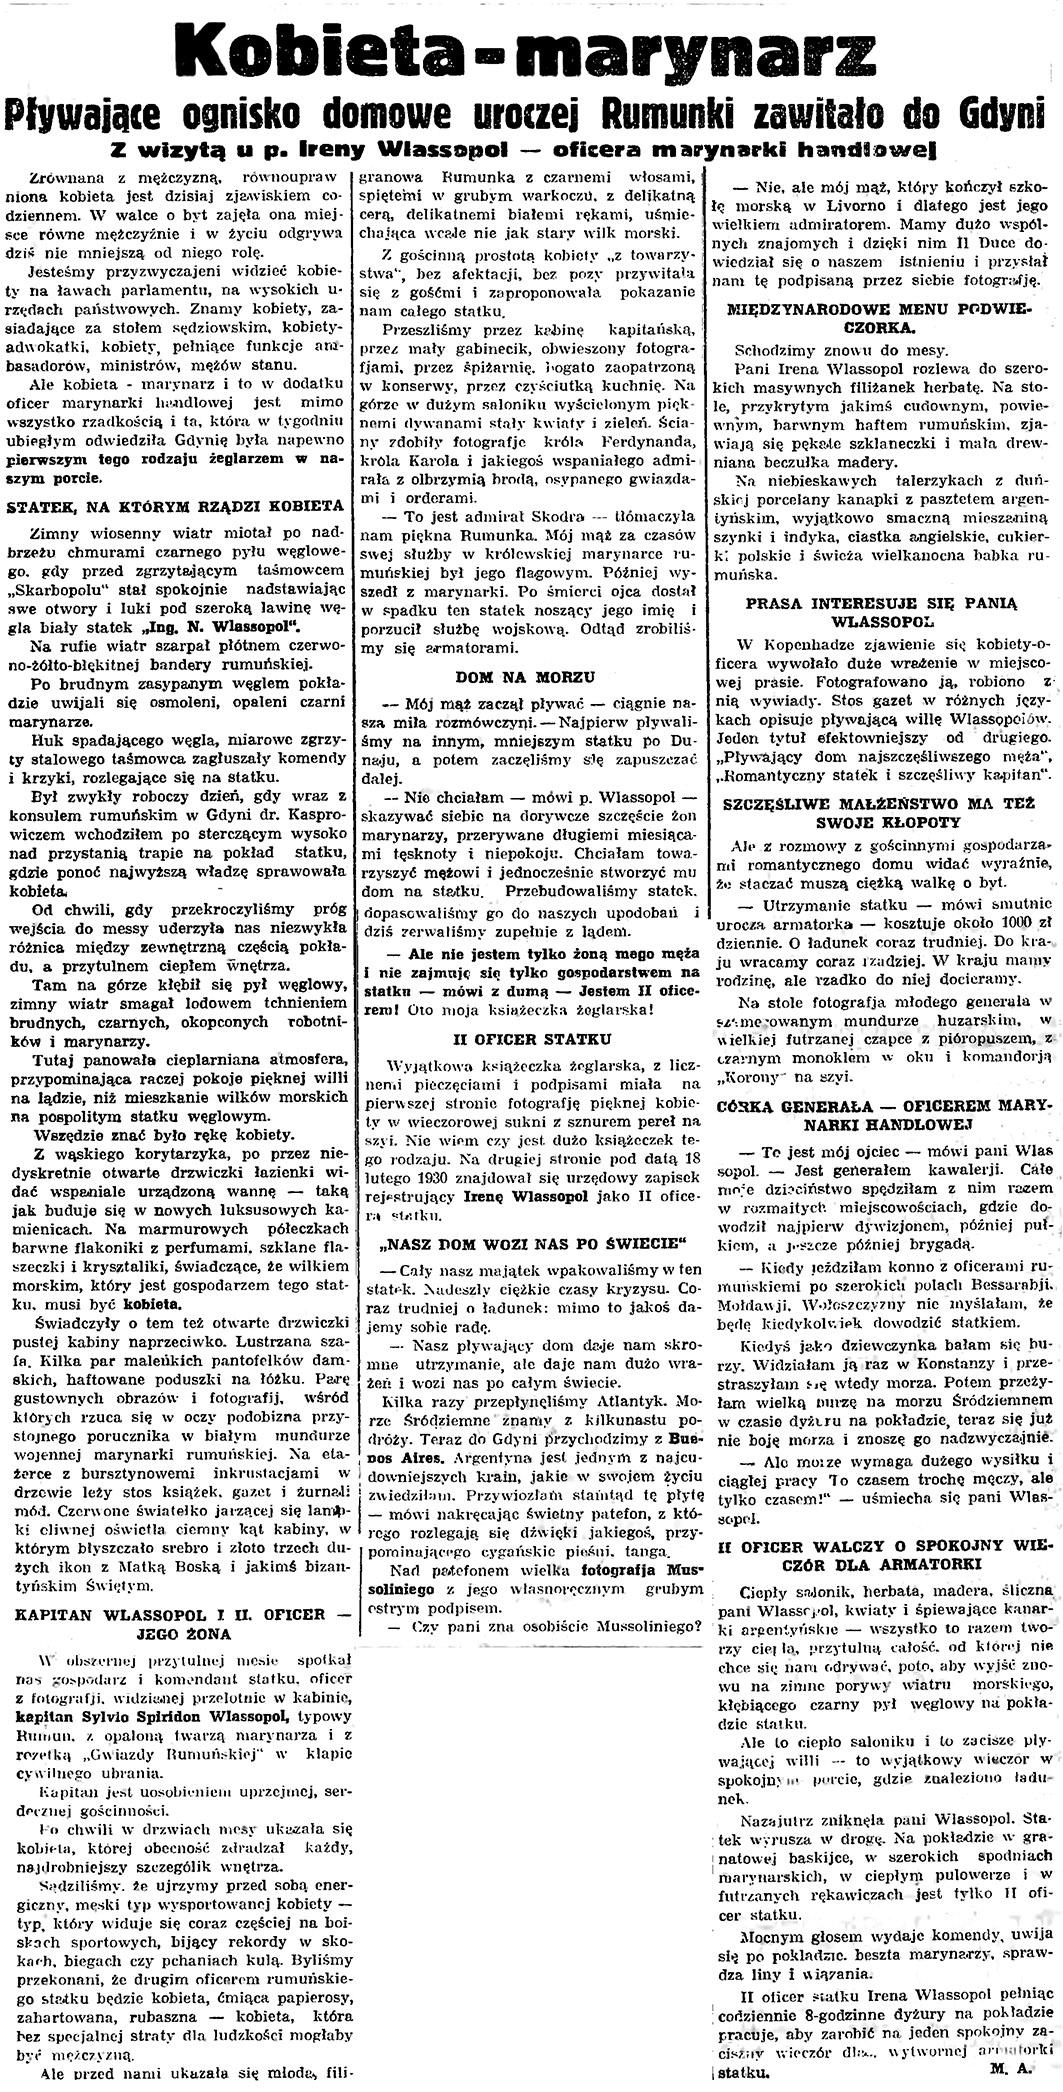 Kobieta - marynarz. Pływające ognisko uroczej Rumunki zawitało do Gdyni z wizytą u p. Wlassopol - oficera marynarki handlowej / M.A. // Gazeta Gdańska. - 1935, nr 105, s. 4